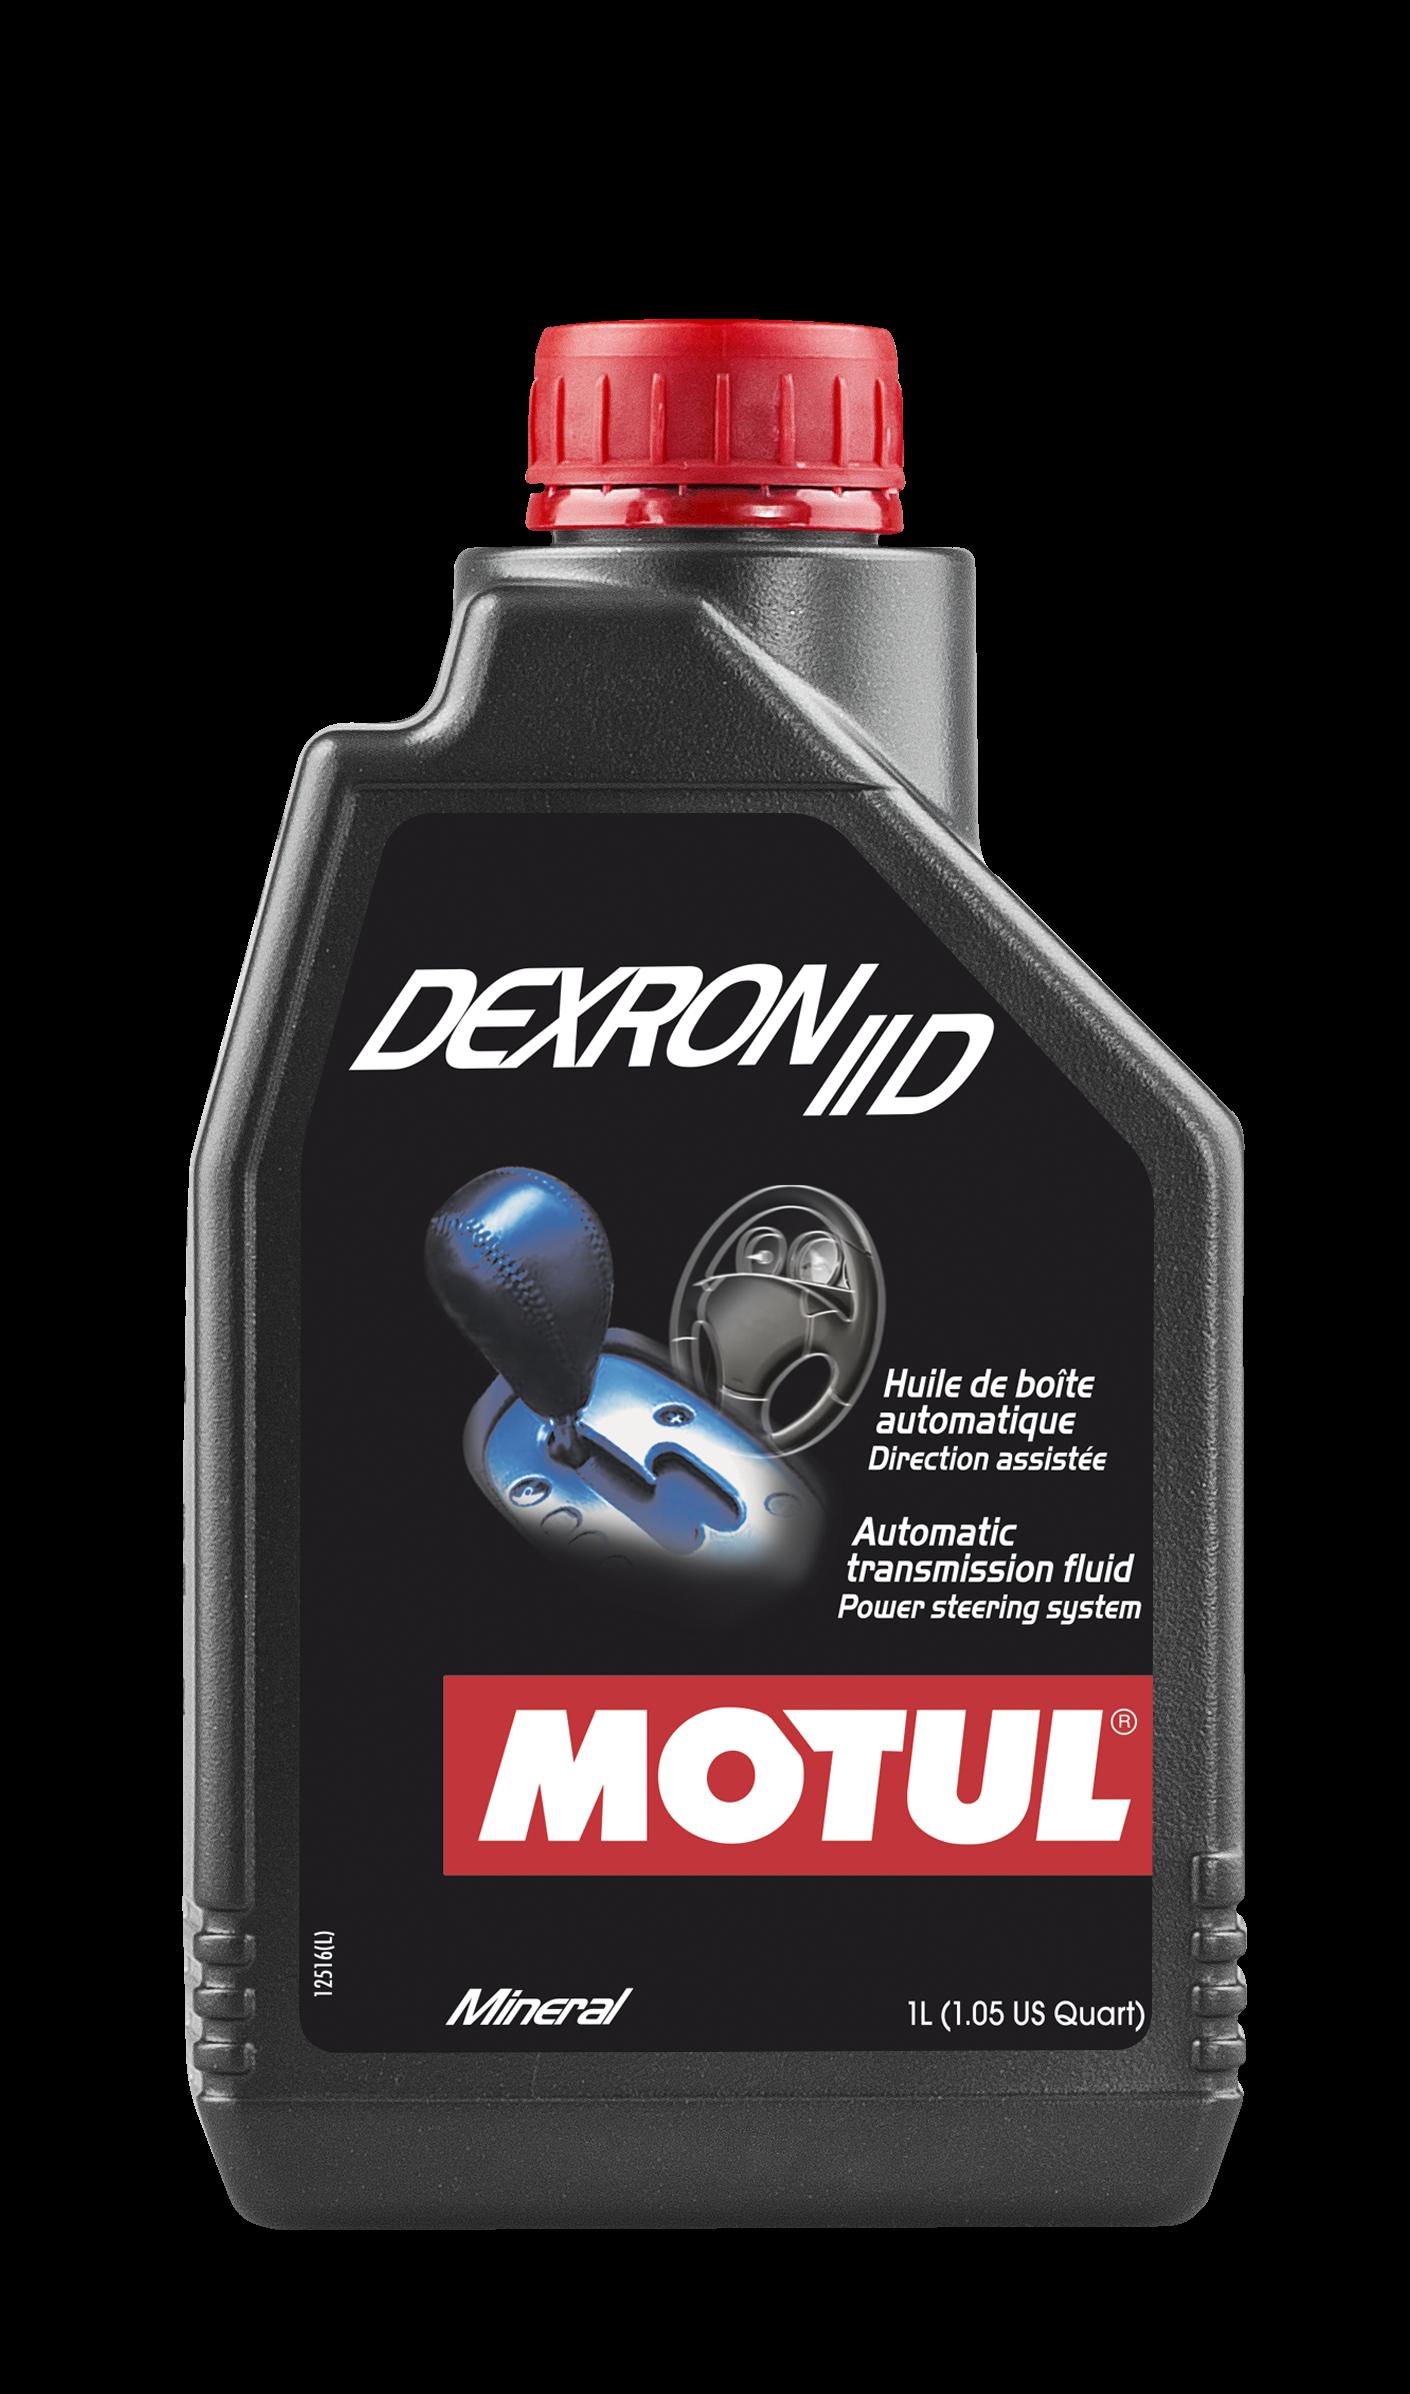 Motul Dexron II D 1л